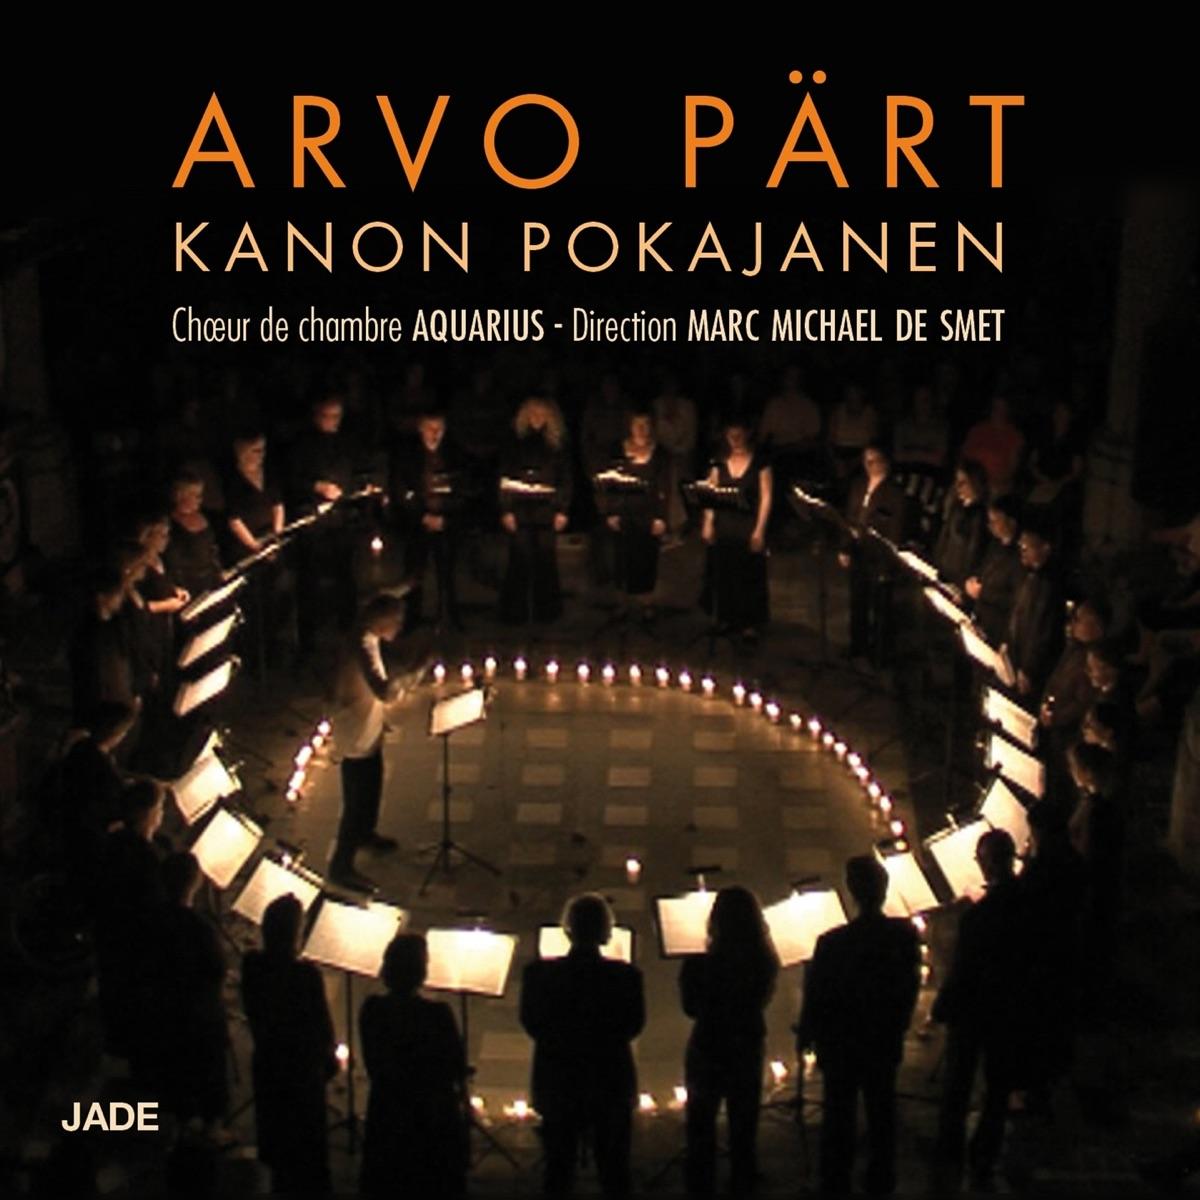 Arvo Pärt Kanon Pokajanen Aquarius  Marc Michael de Smet CD cover